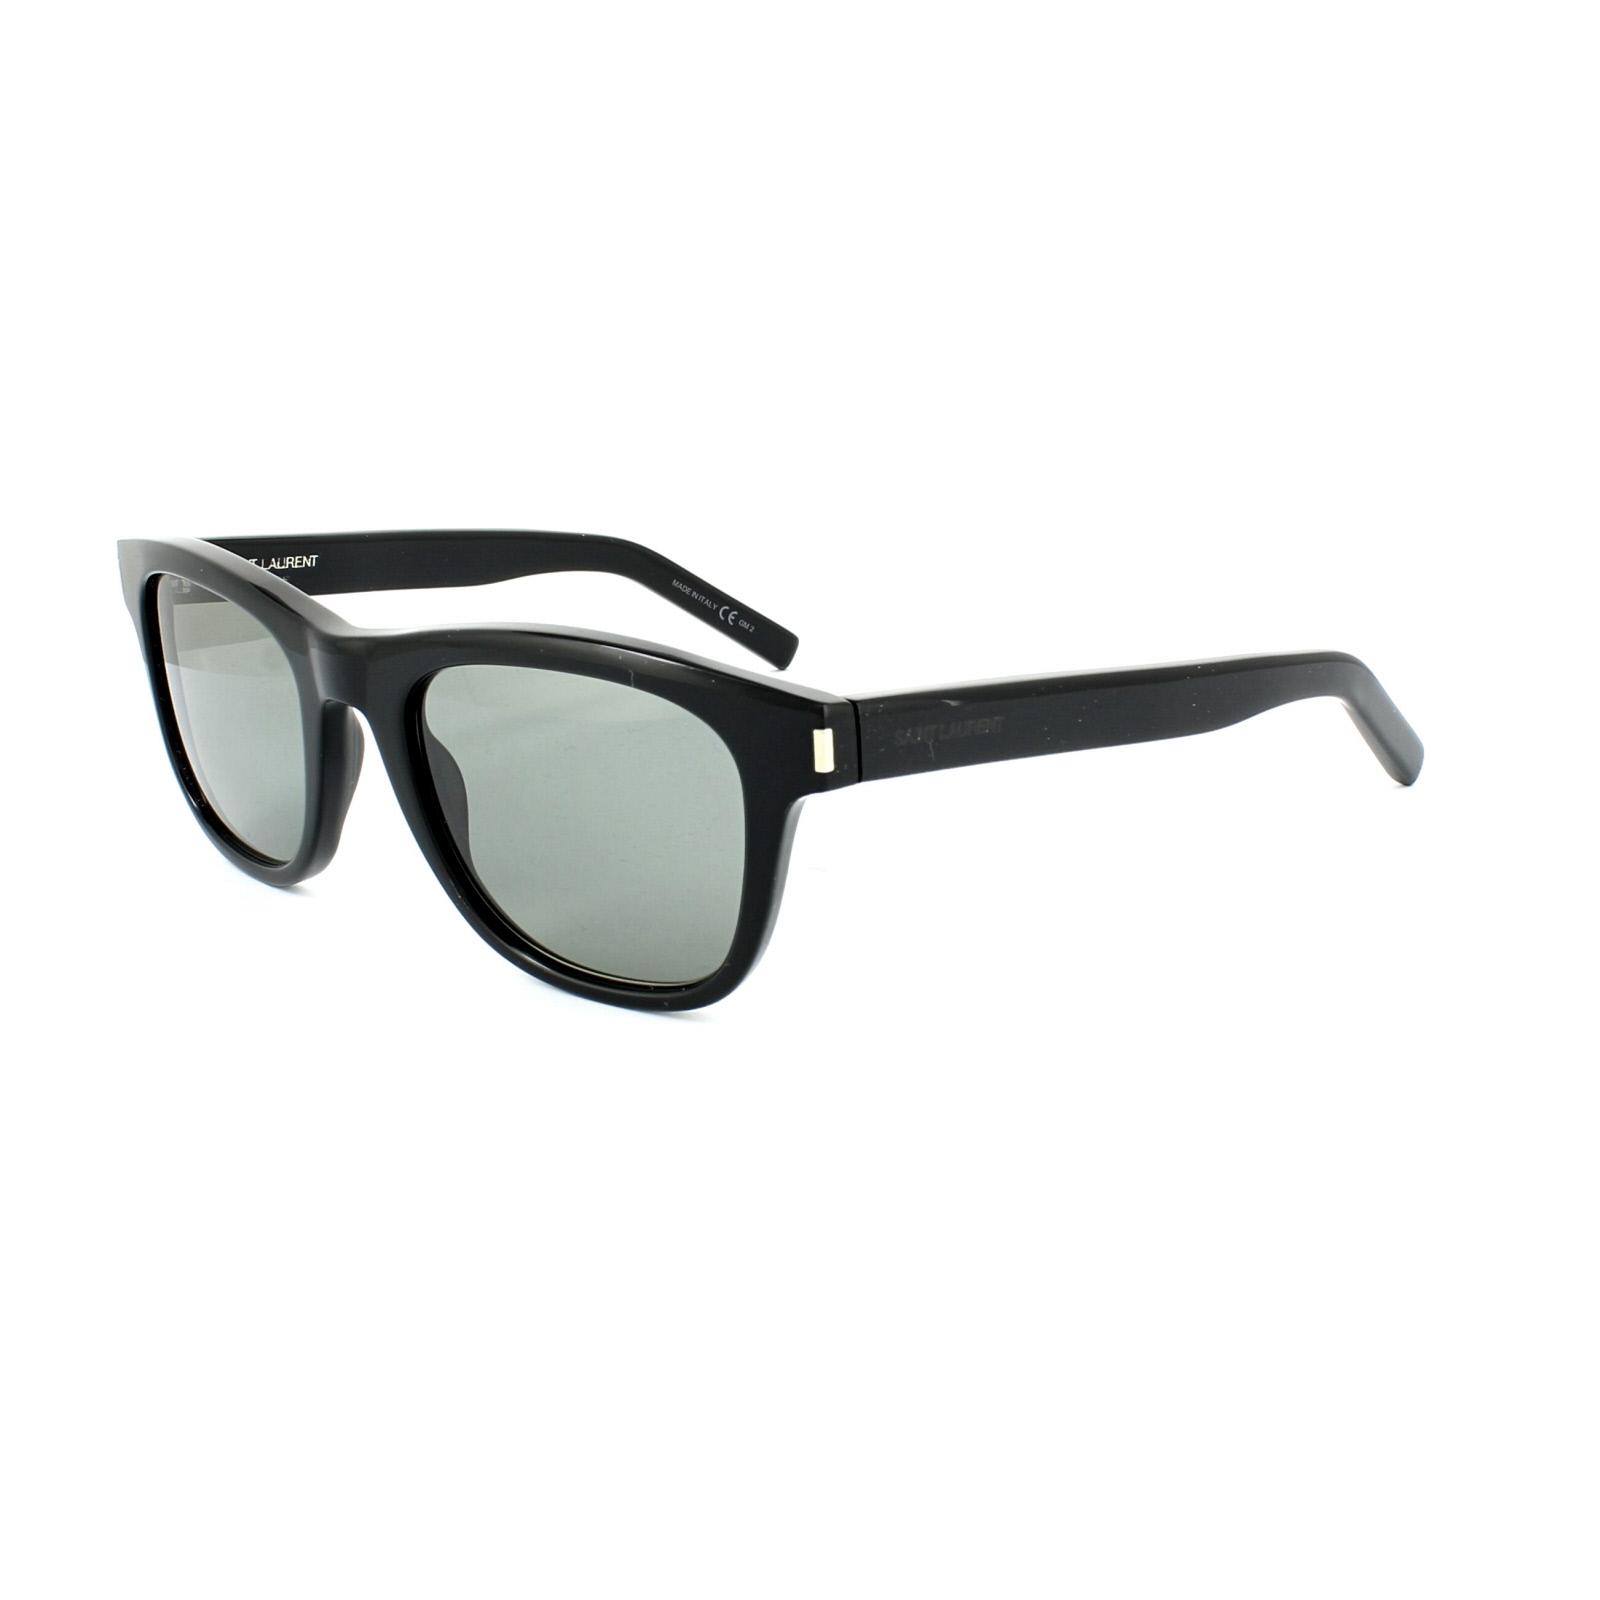 saint laurent sonnenbrille classic 2 807 5l schwarz grau. Black Bedroom Furniture Sets. Home Design Ideas